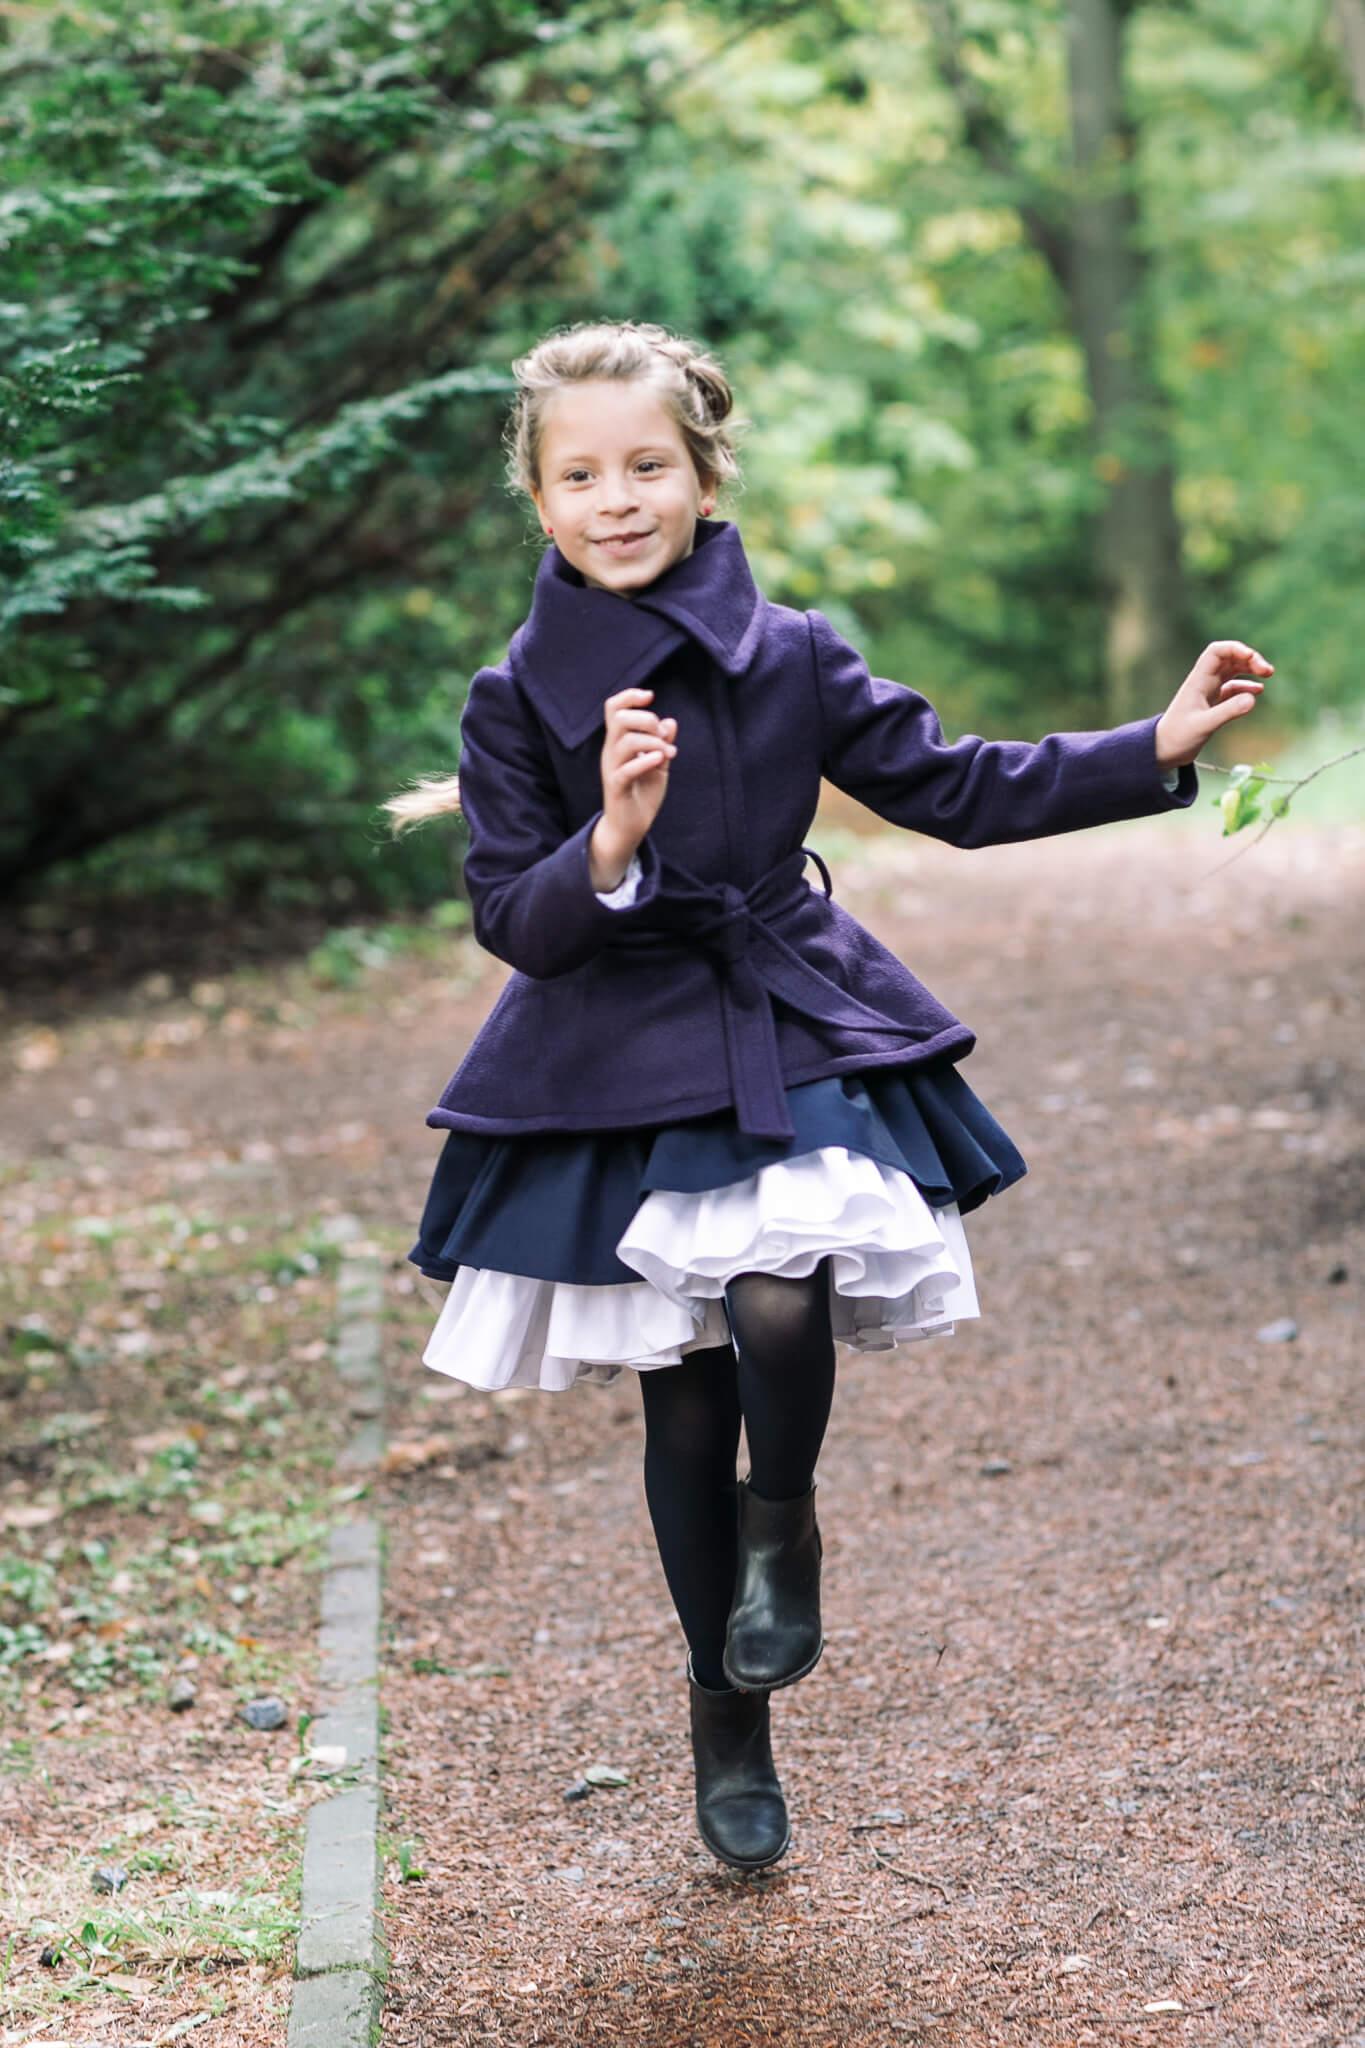 Синє пальто на дівчинку - обрати на сайті